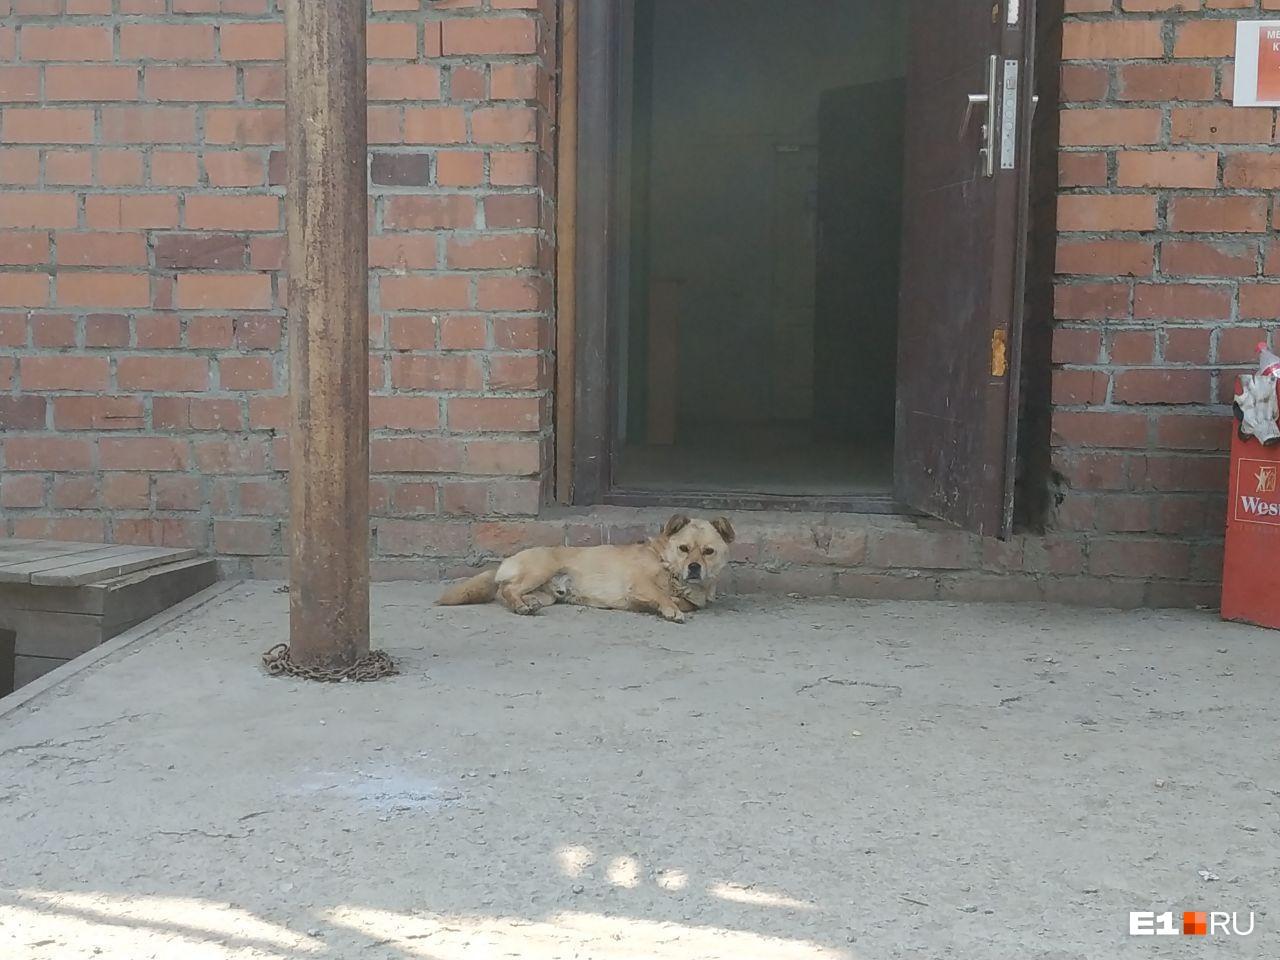 Но общаться с журналистами в этом здании не захотела даже собака